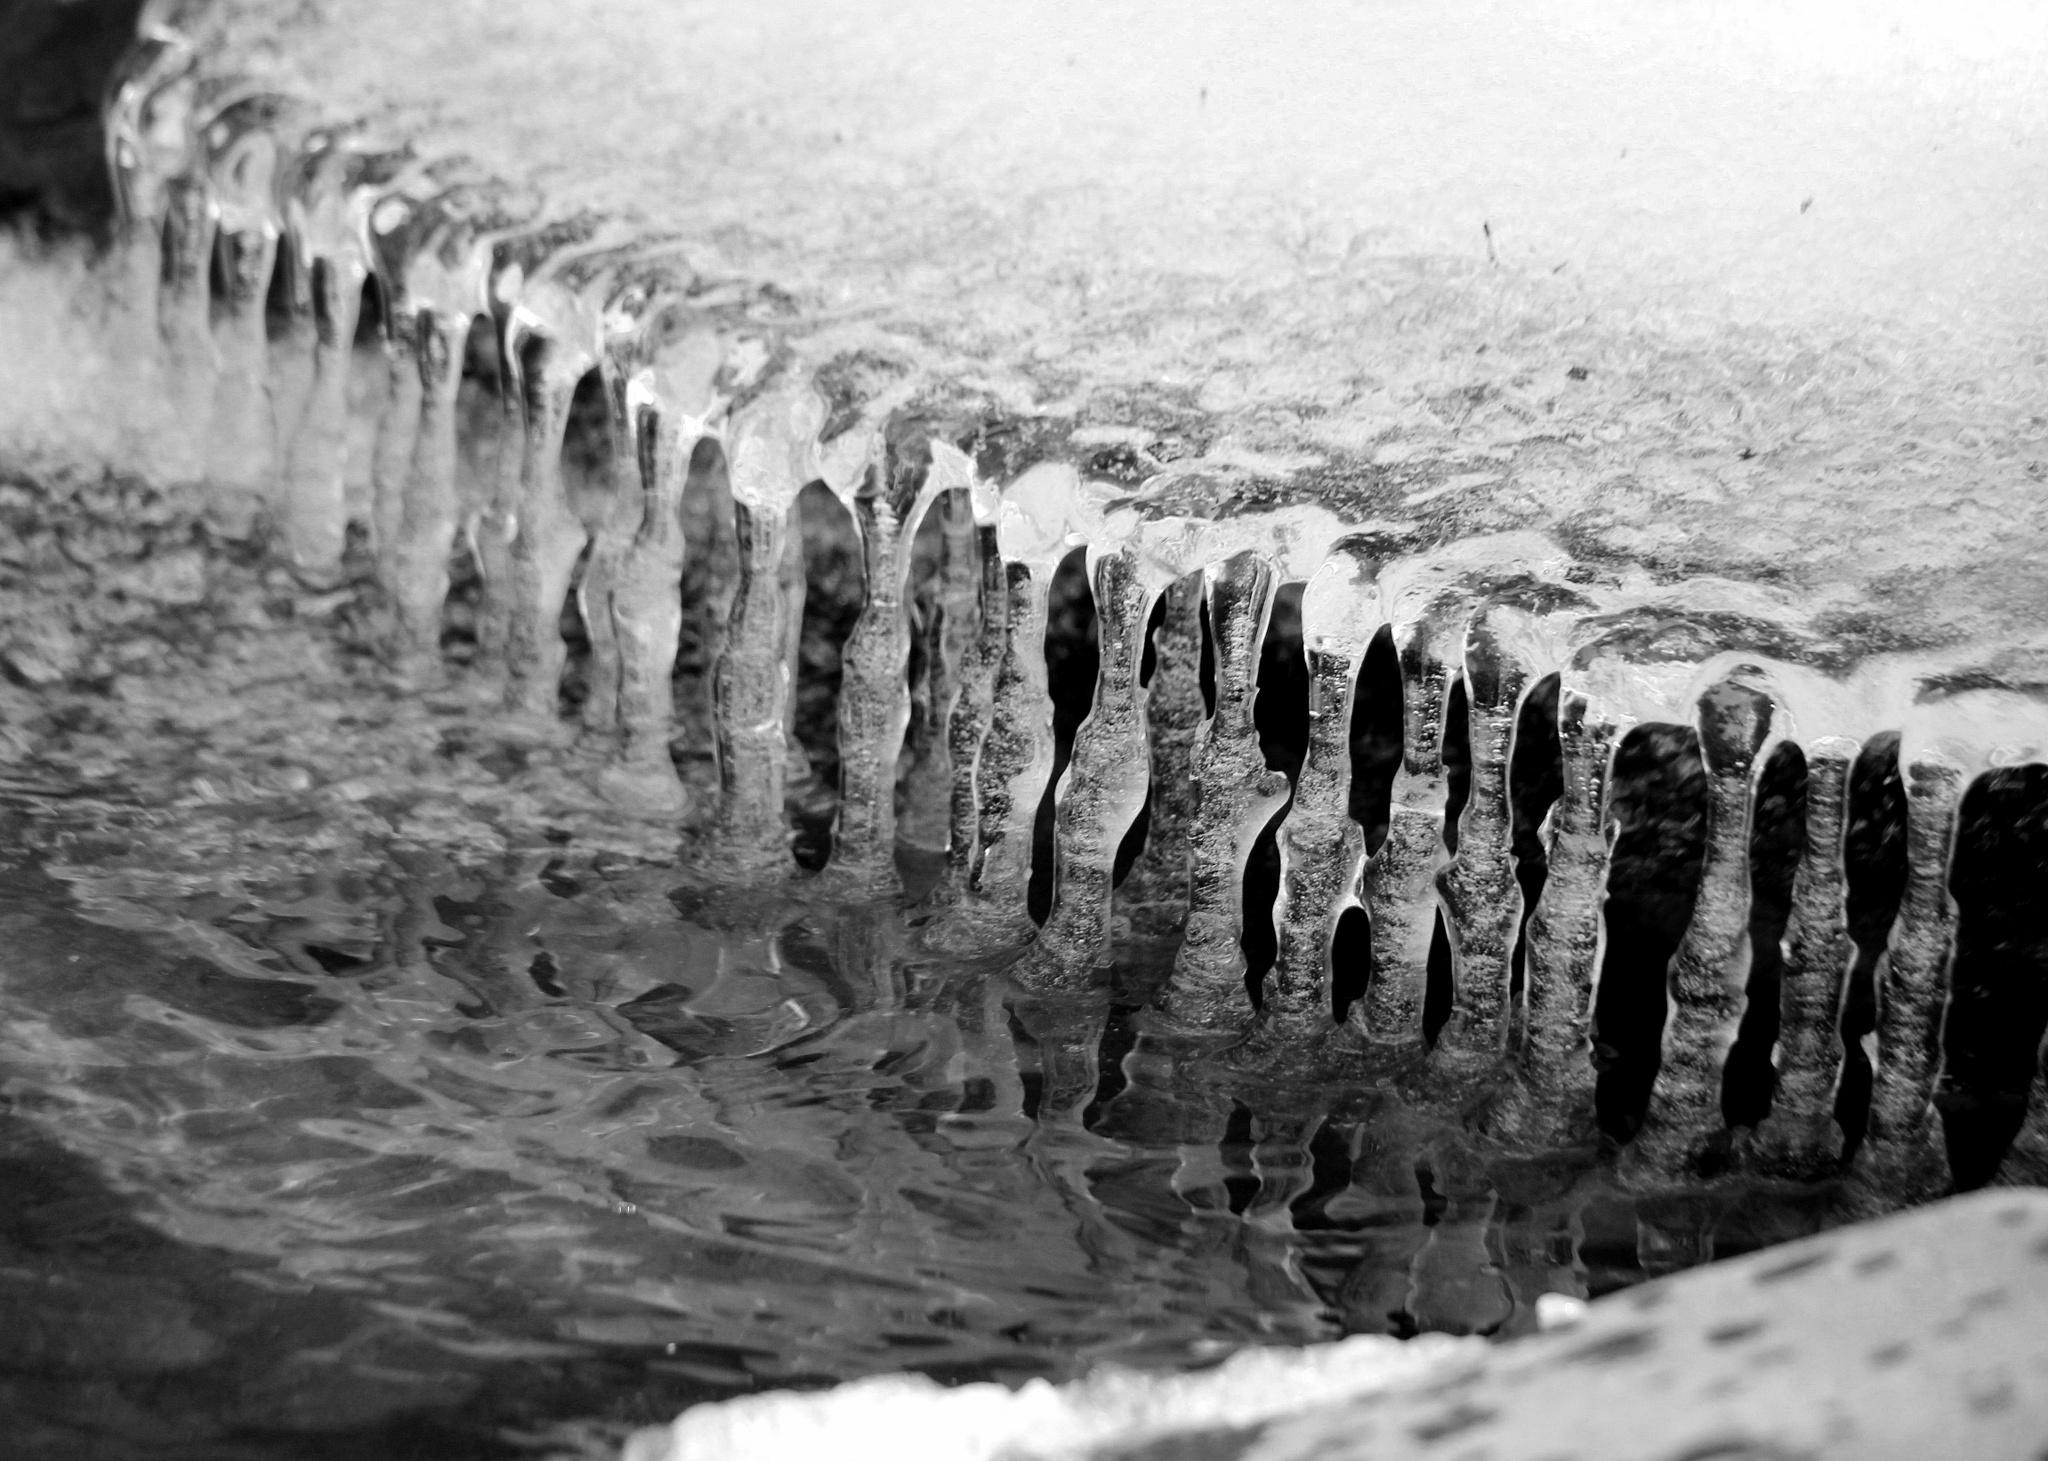 Winter River Melt  by jodelabruere